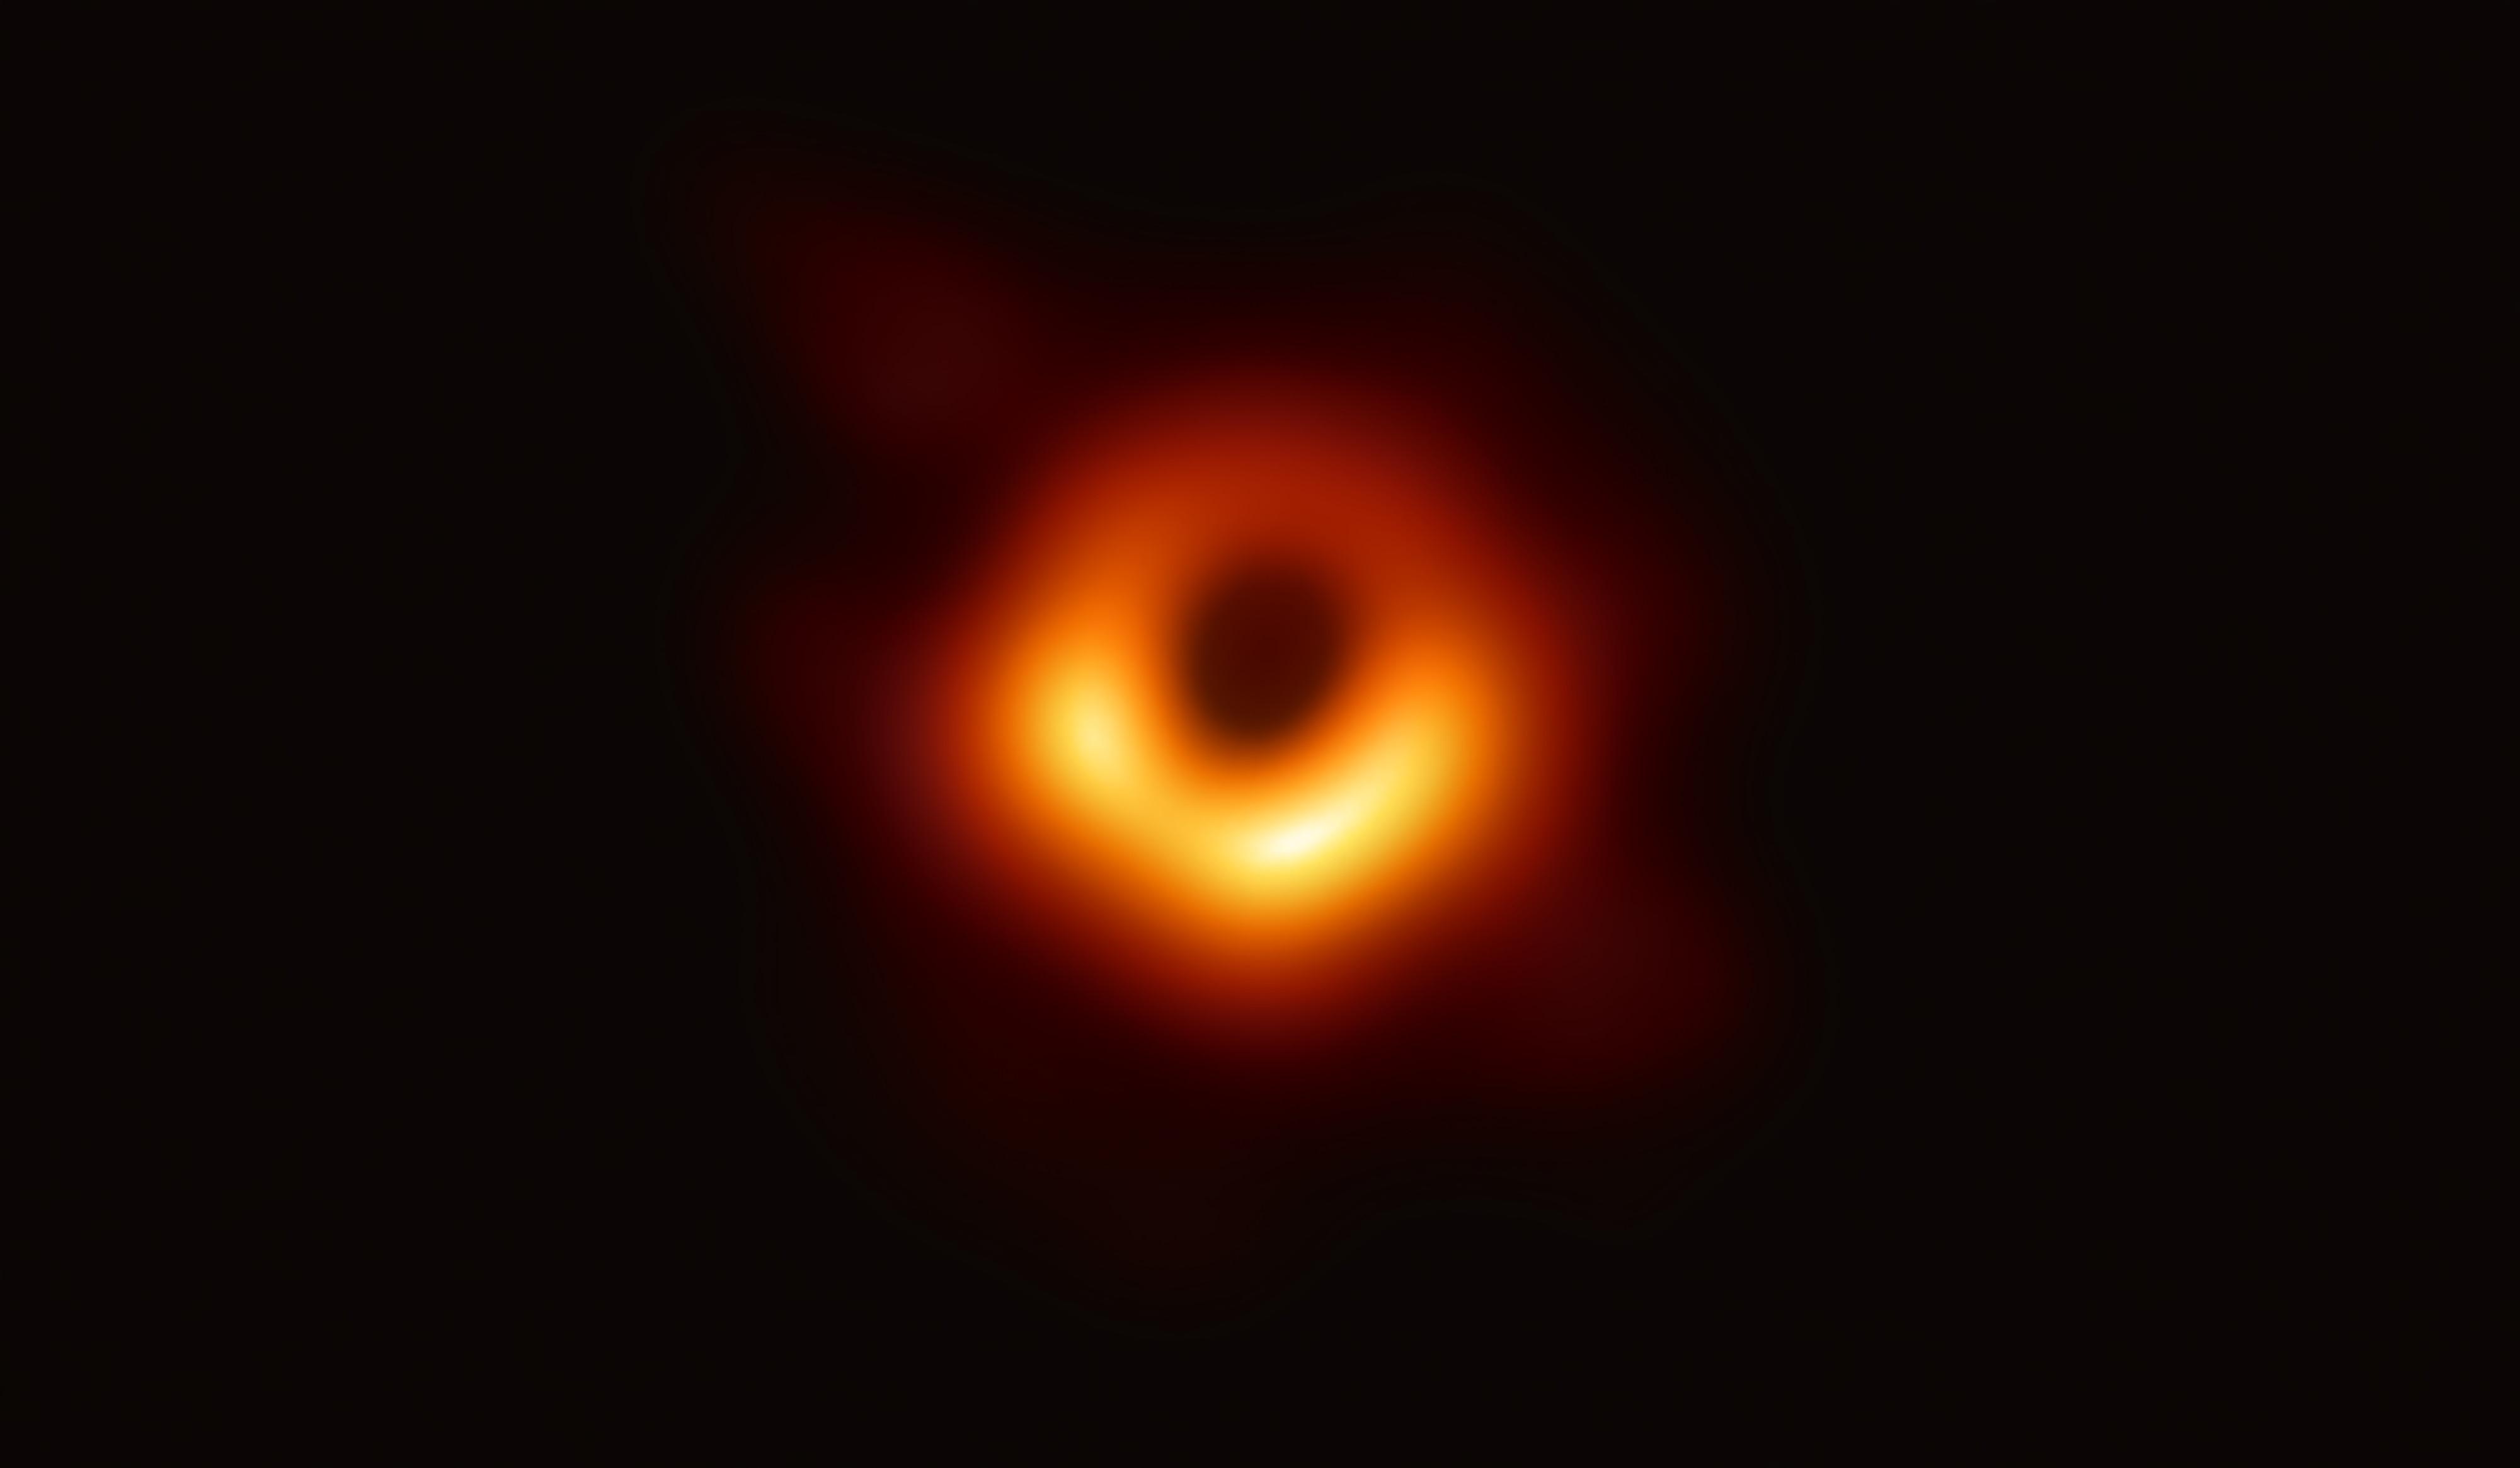 Imaxe con maior resolución (4000x2330) do buraco negro. Fonte: Event Horizon Telescope.